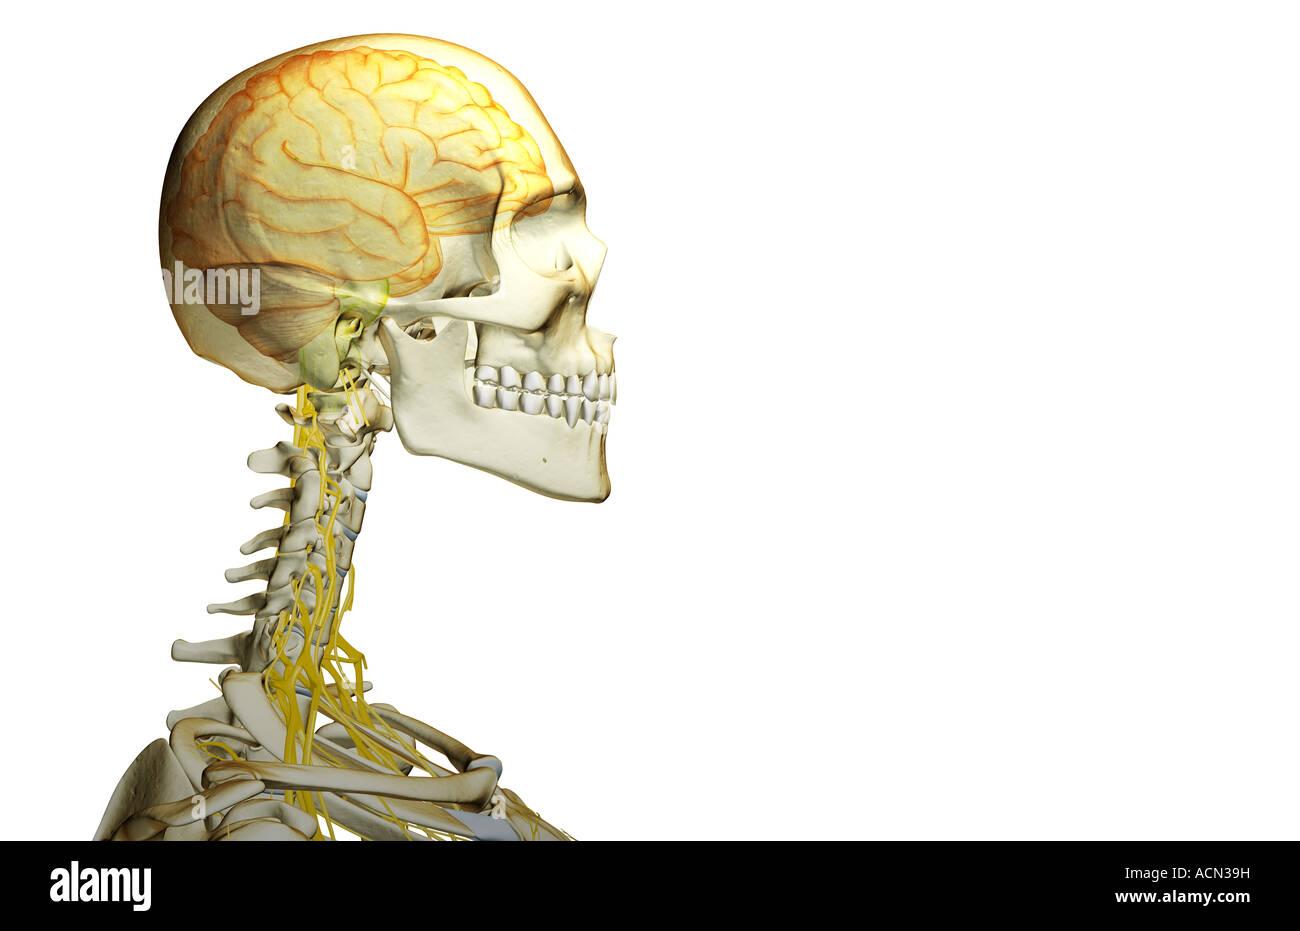 Berühmt Nerven Im Kopf Ideen - Menschliche Anatomie Bilder ...